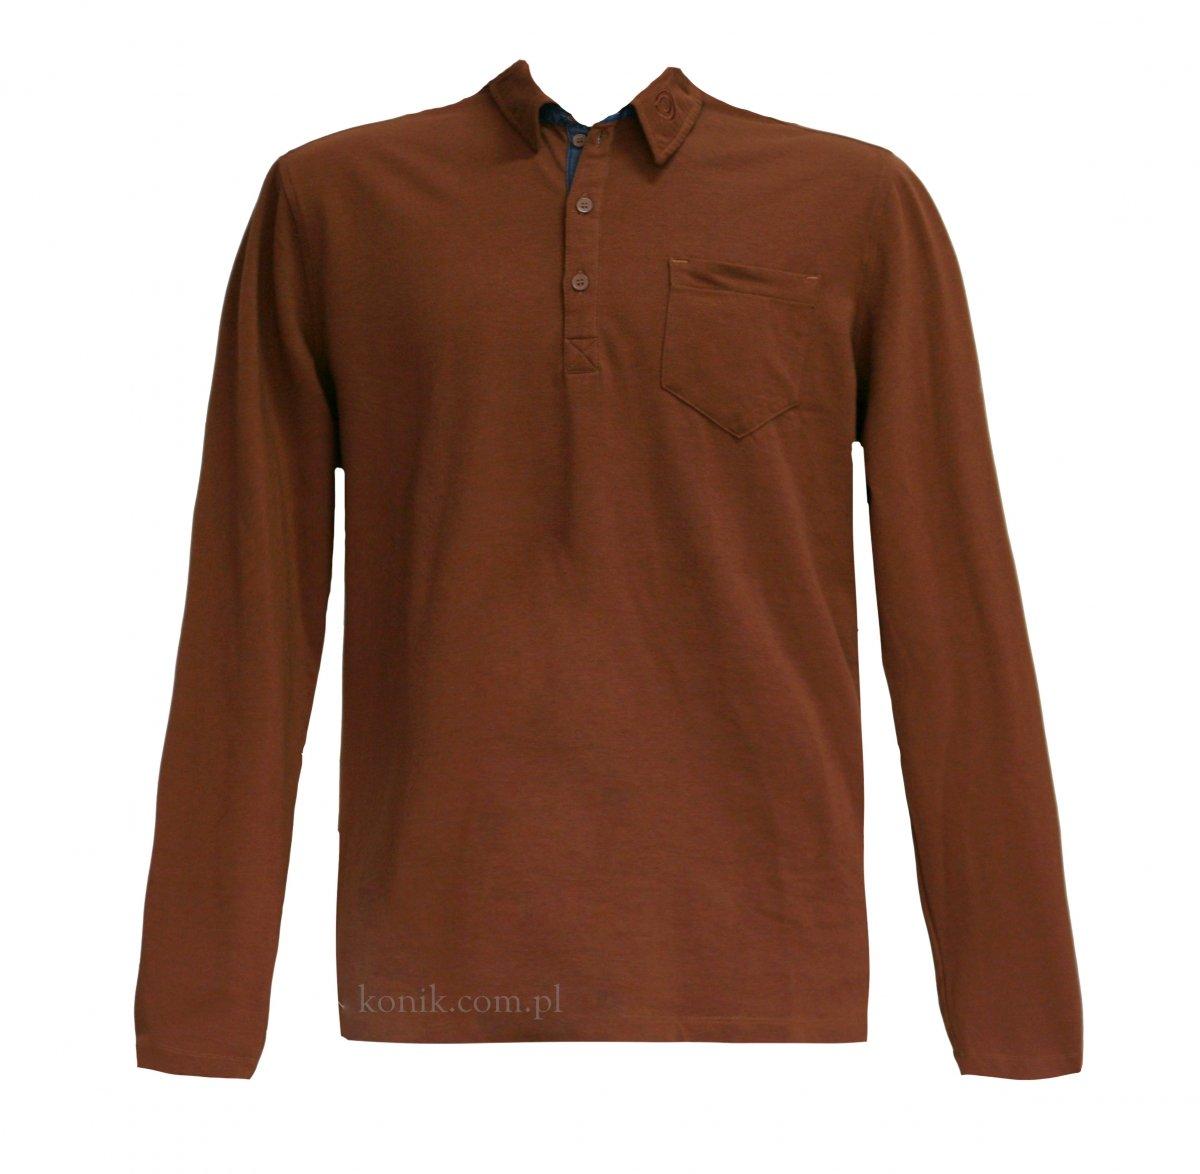 Koszulka polo męska - ANKY